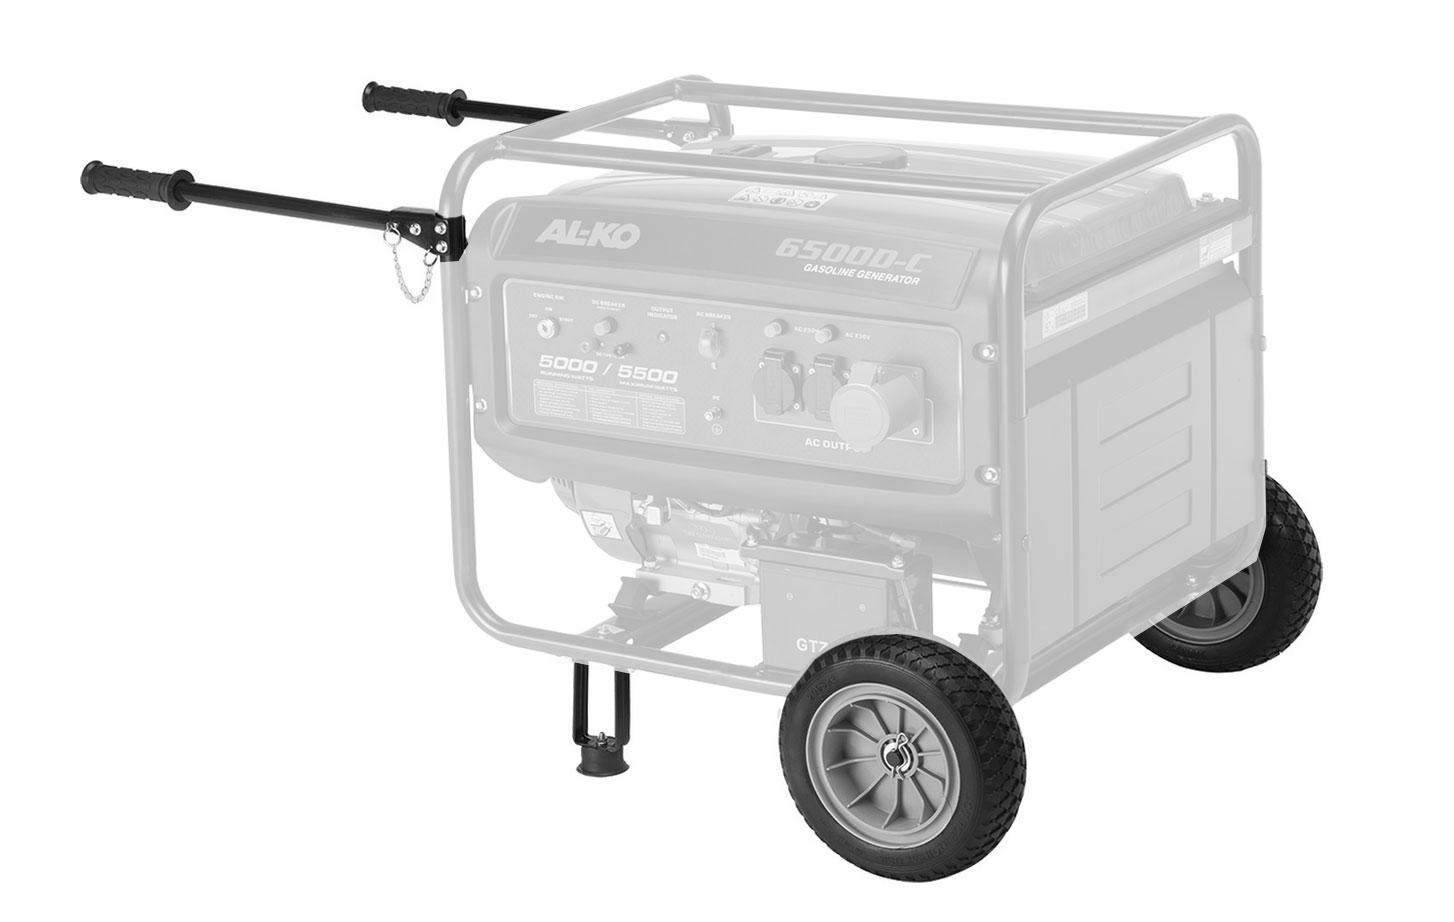 AL-KO Radsatz und Griffe für AL-KO Stromerzeuger 2500 / 3500 / 6500 Bild 1